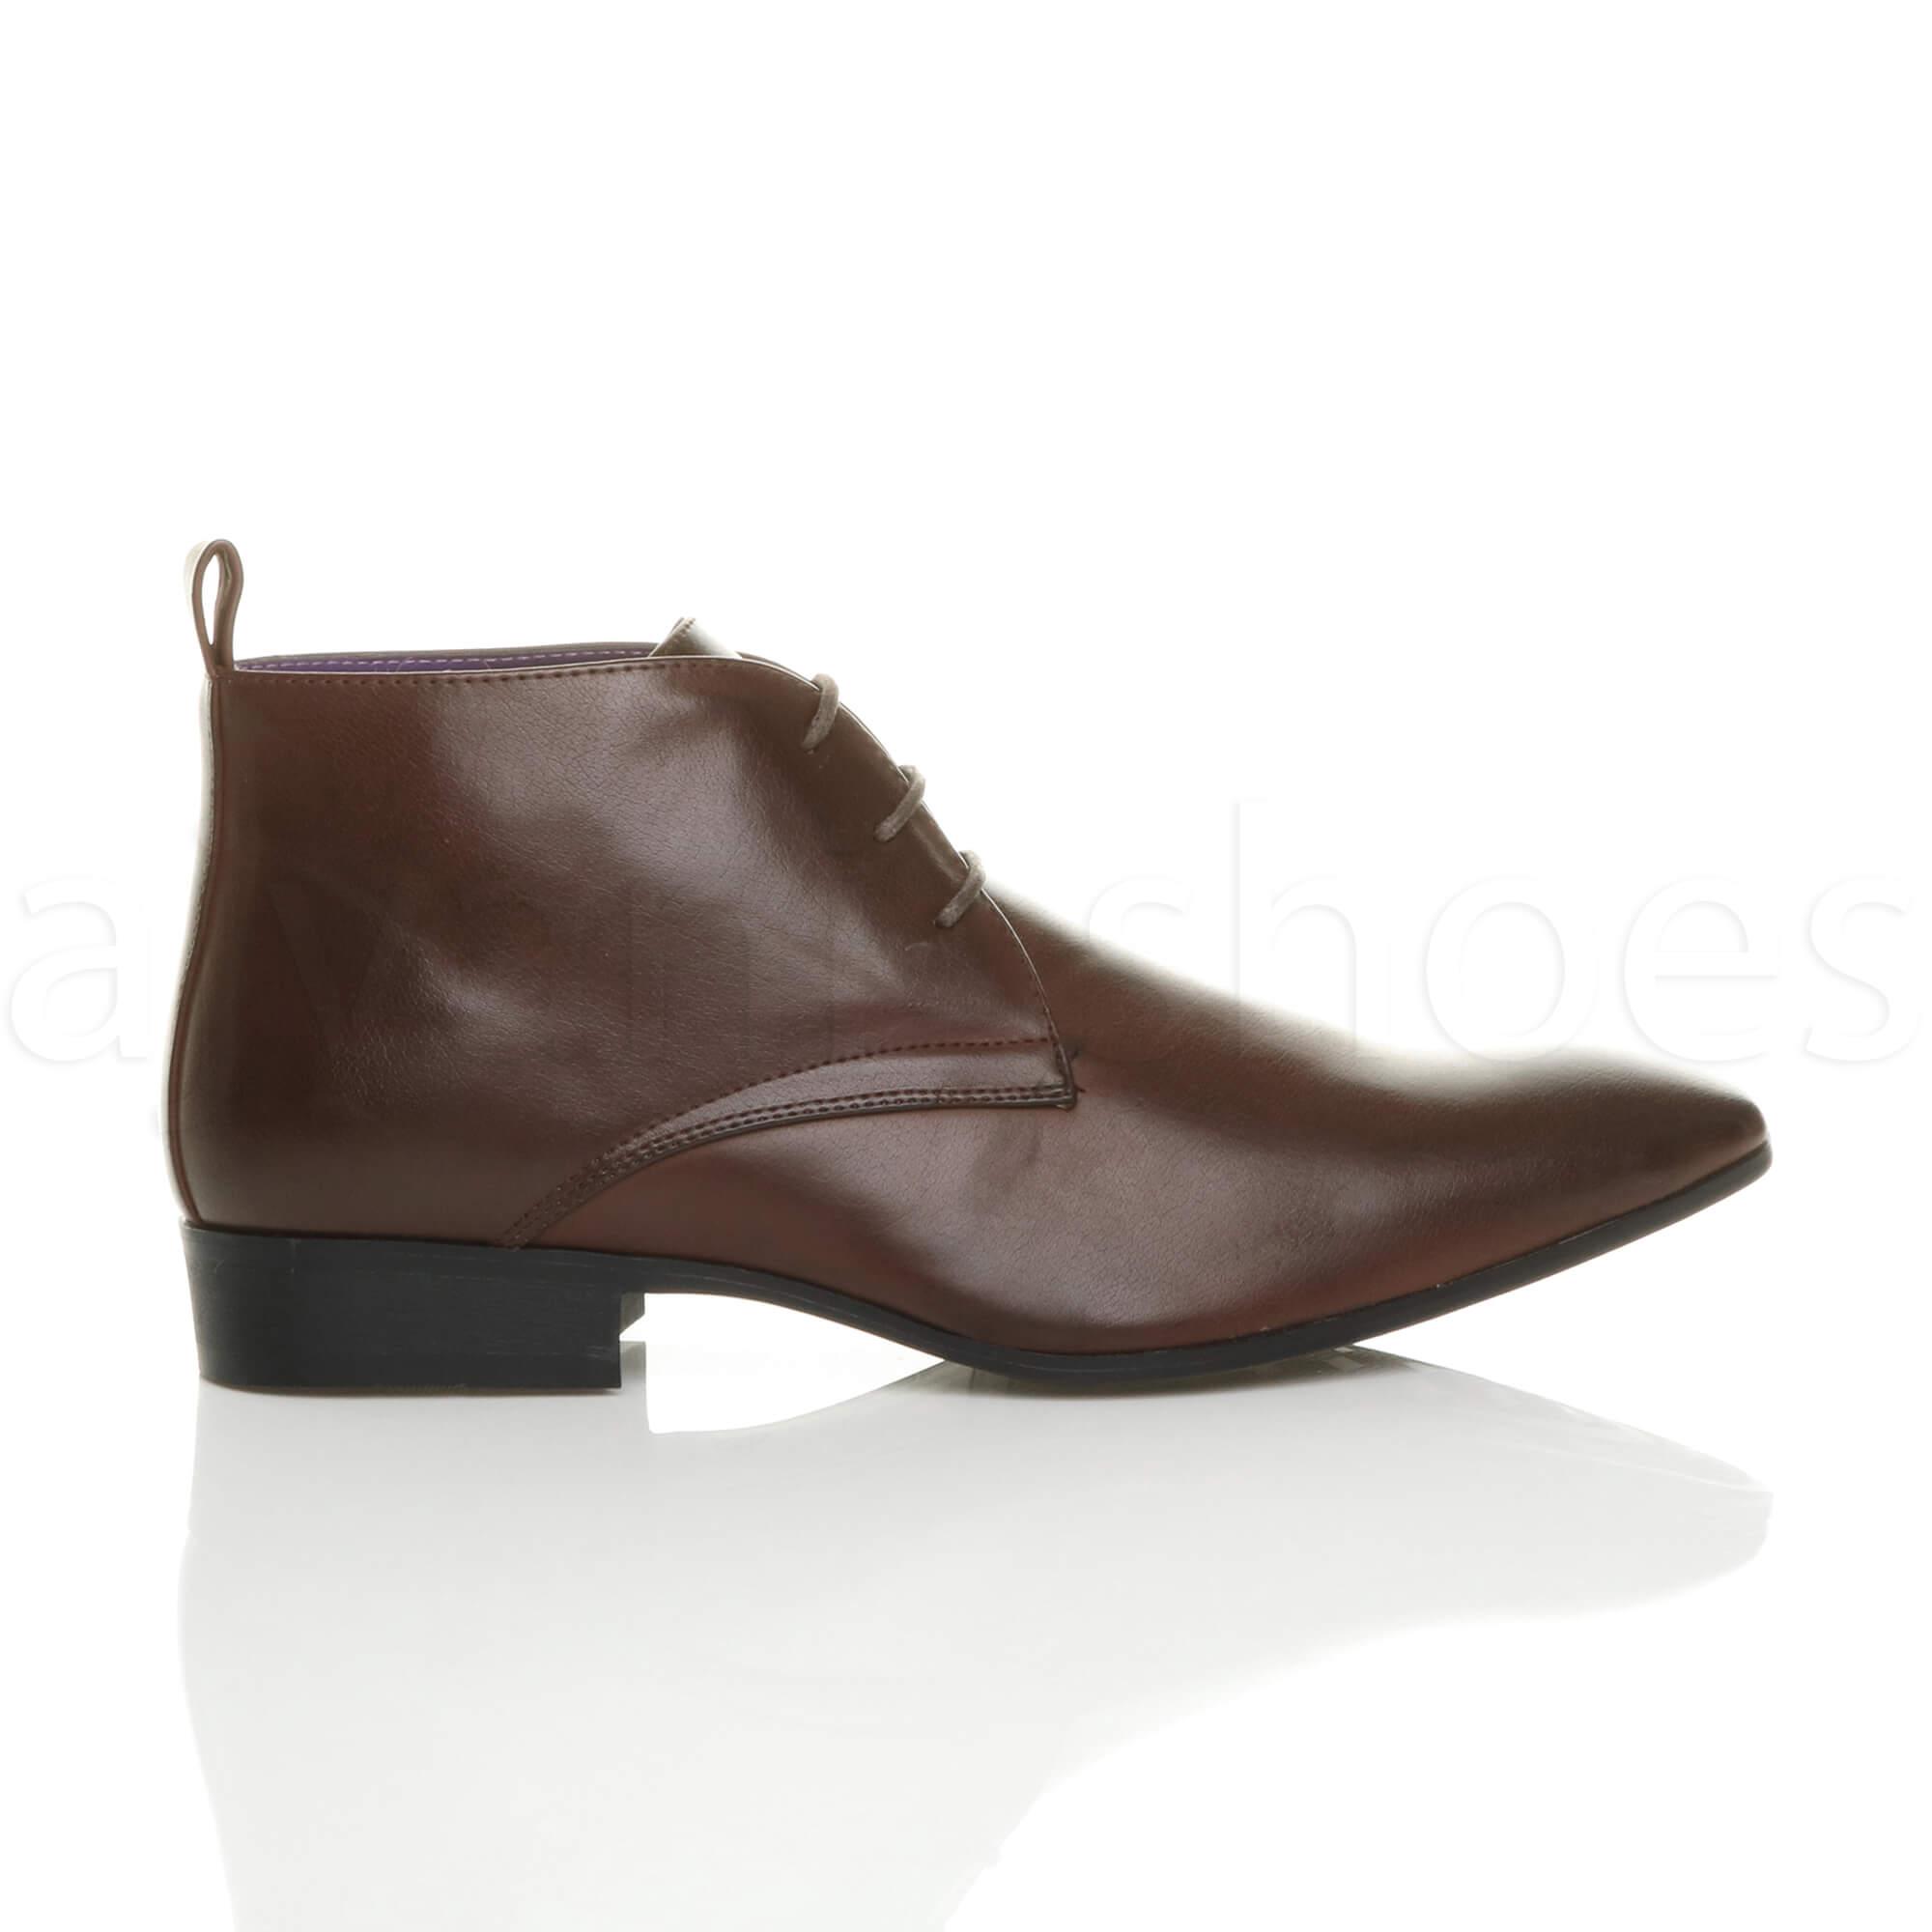 Schuhe zu eng geschnurt